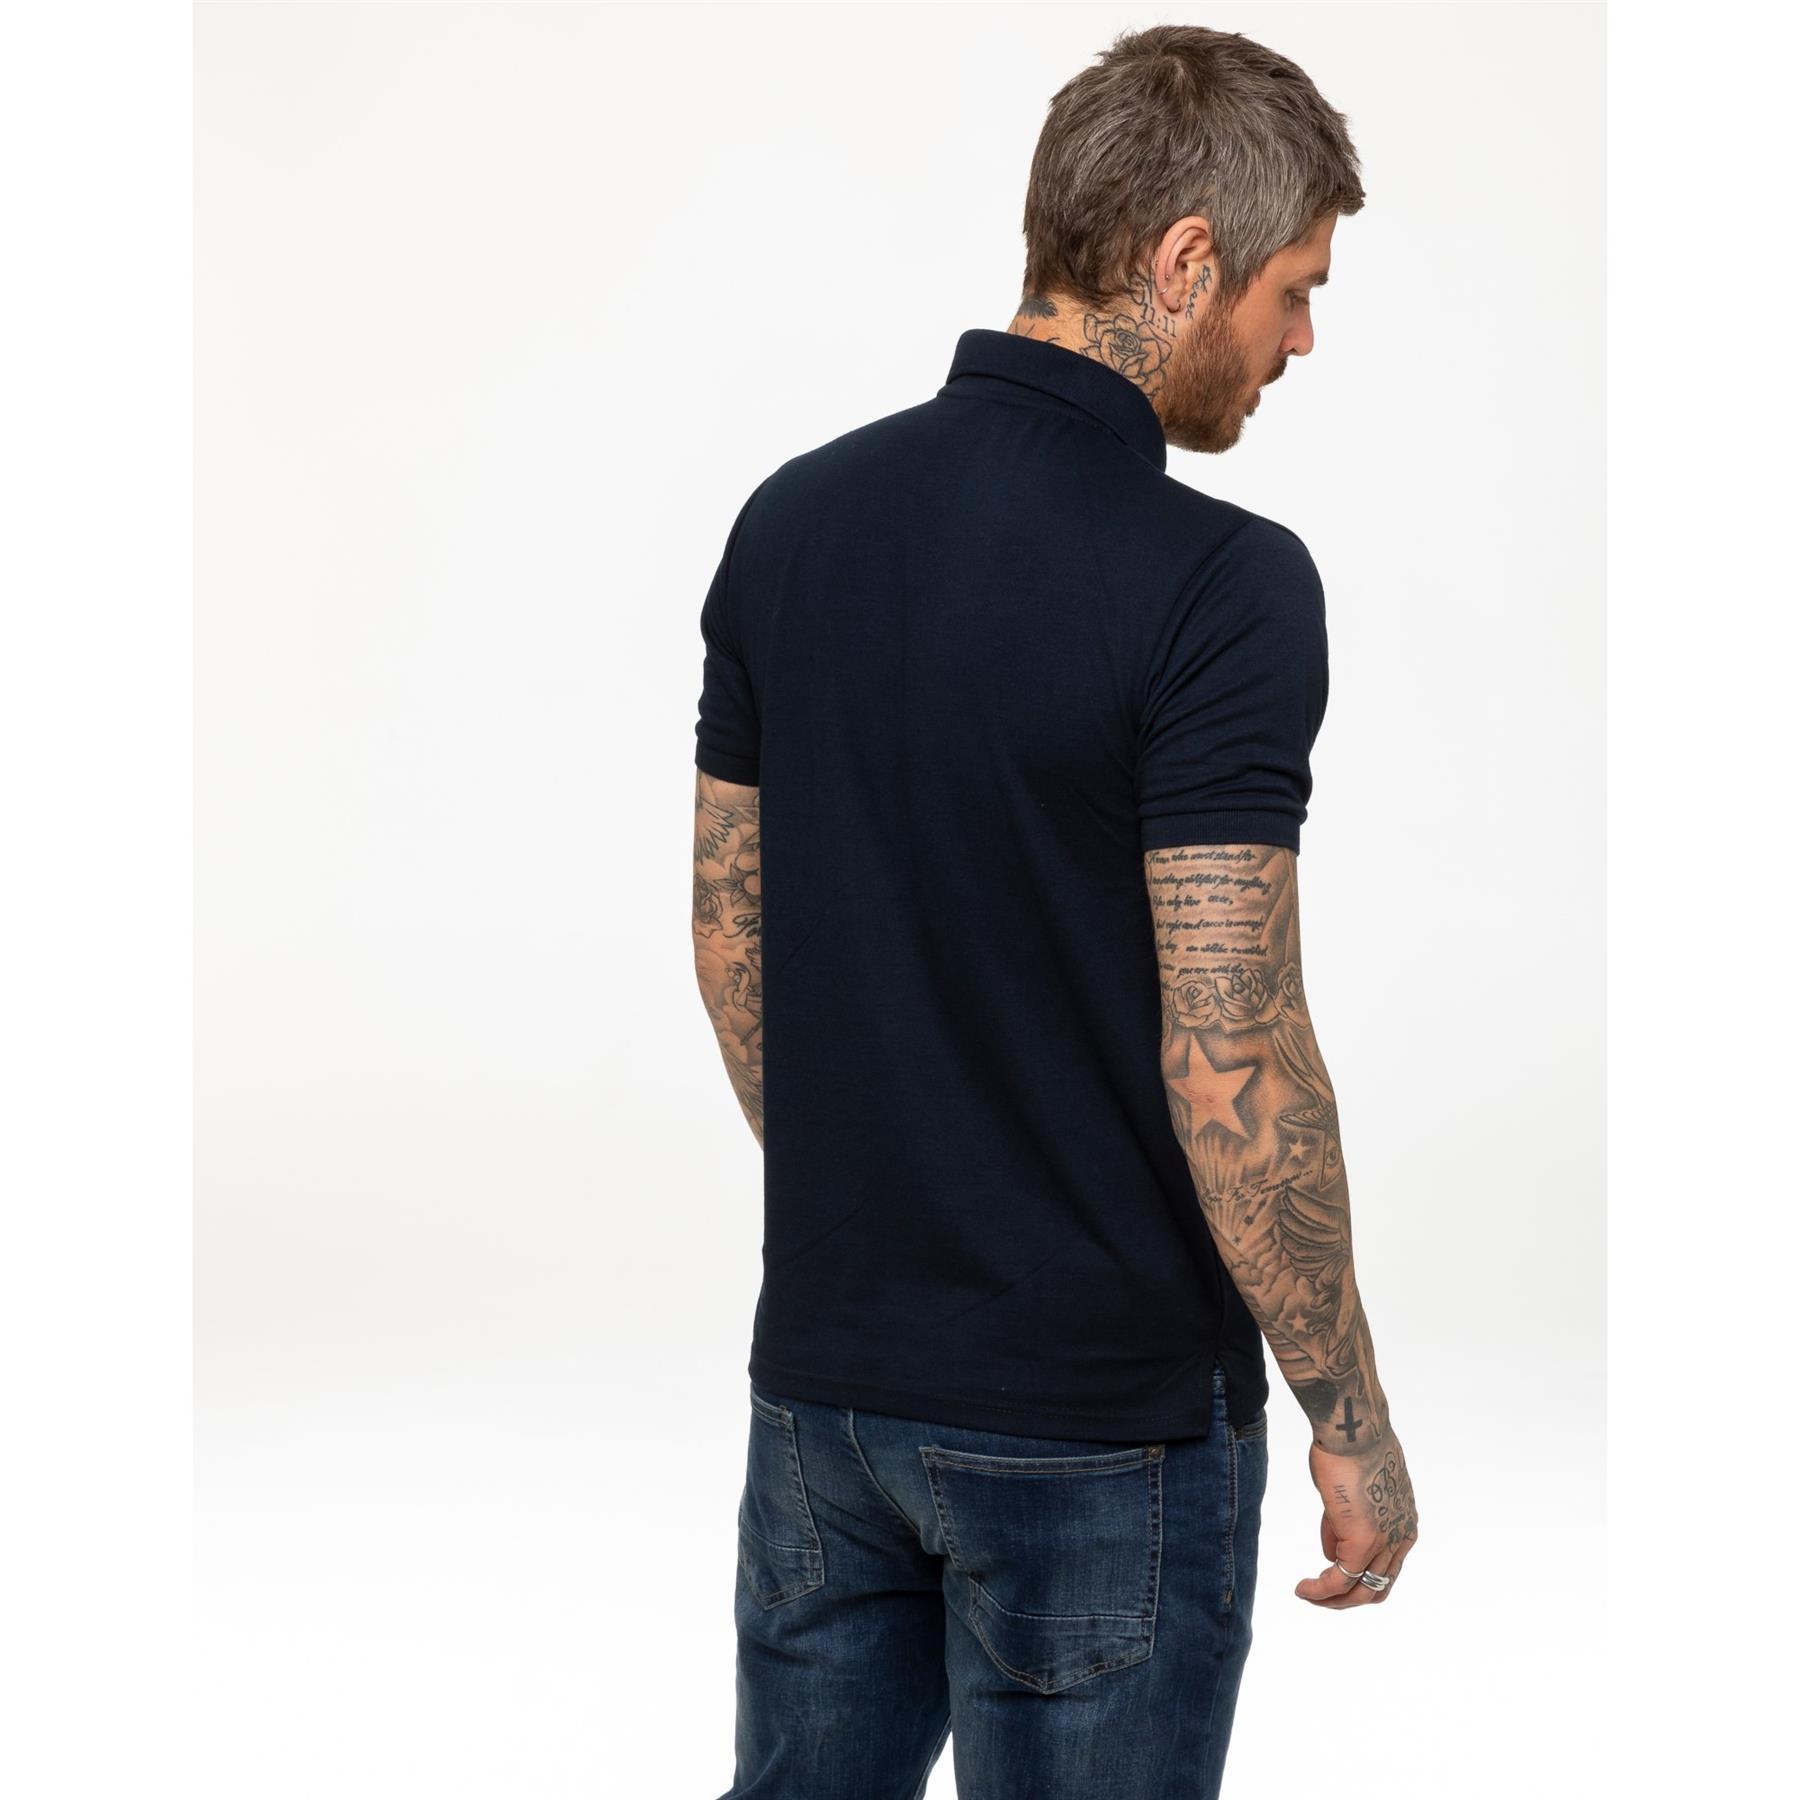 Indexbild 12 - Herren Polohemd Freizeit T-Shirts Neu Schlicht Kurzärmeliges Regular Fit